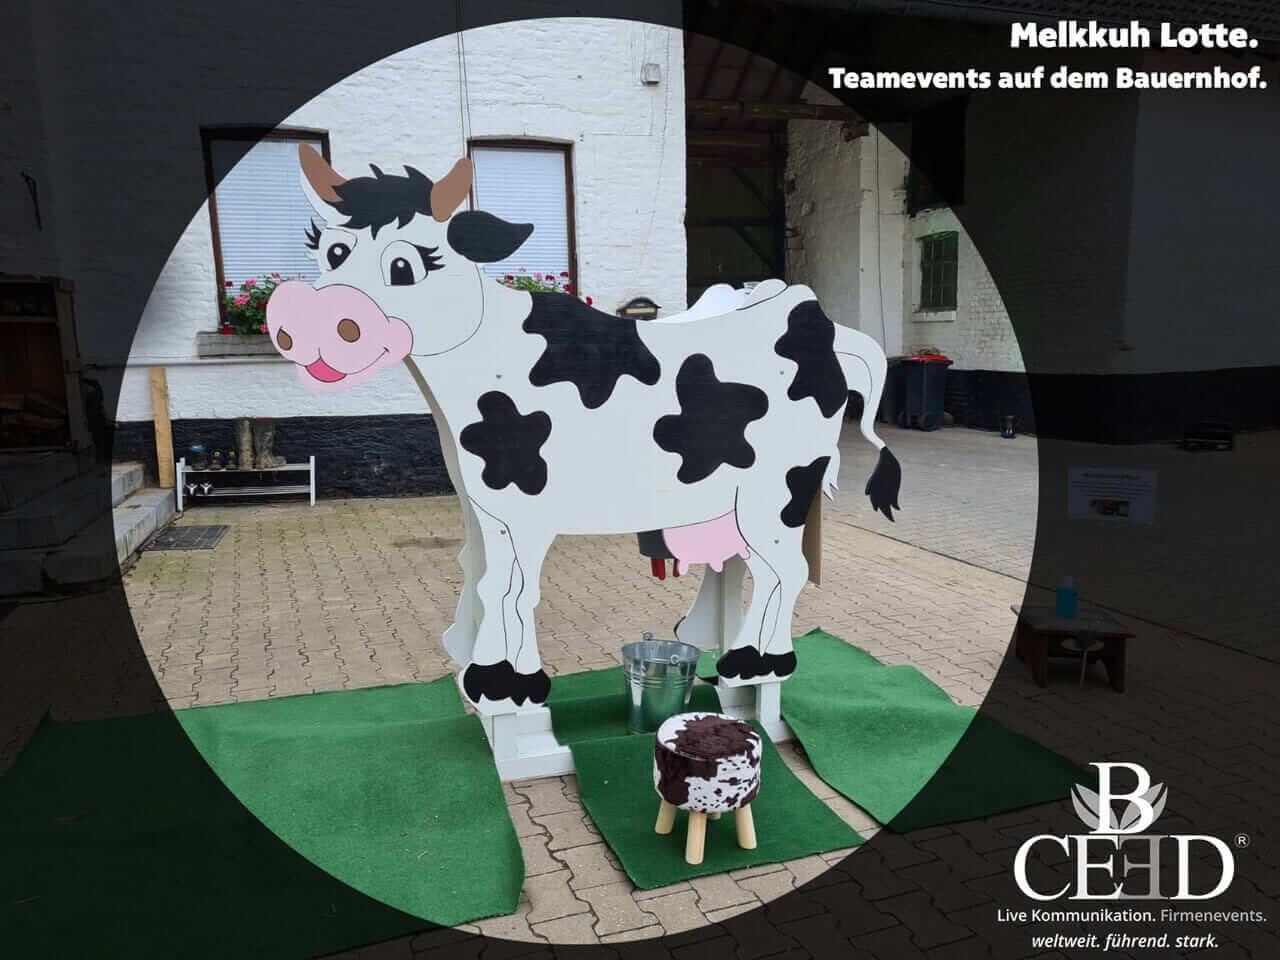 Bauernhof Teamevents mit b-ceed und Melkkuh Lotte